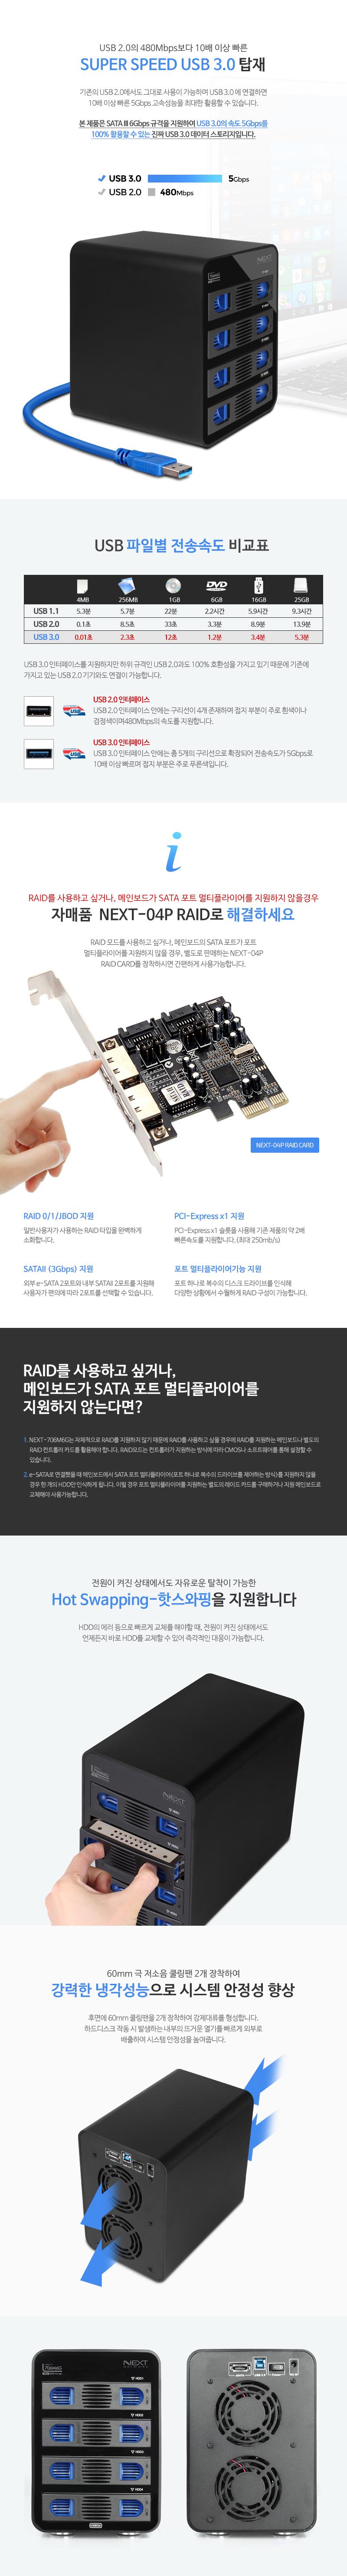 이지넷유비쿼터스 넥스트 NEXT-706M6G (16TB)